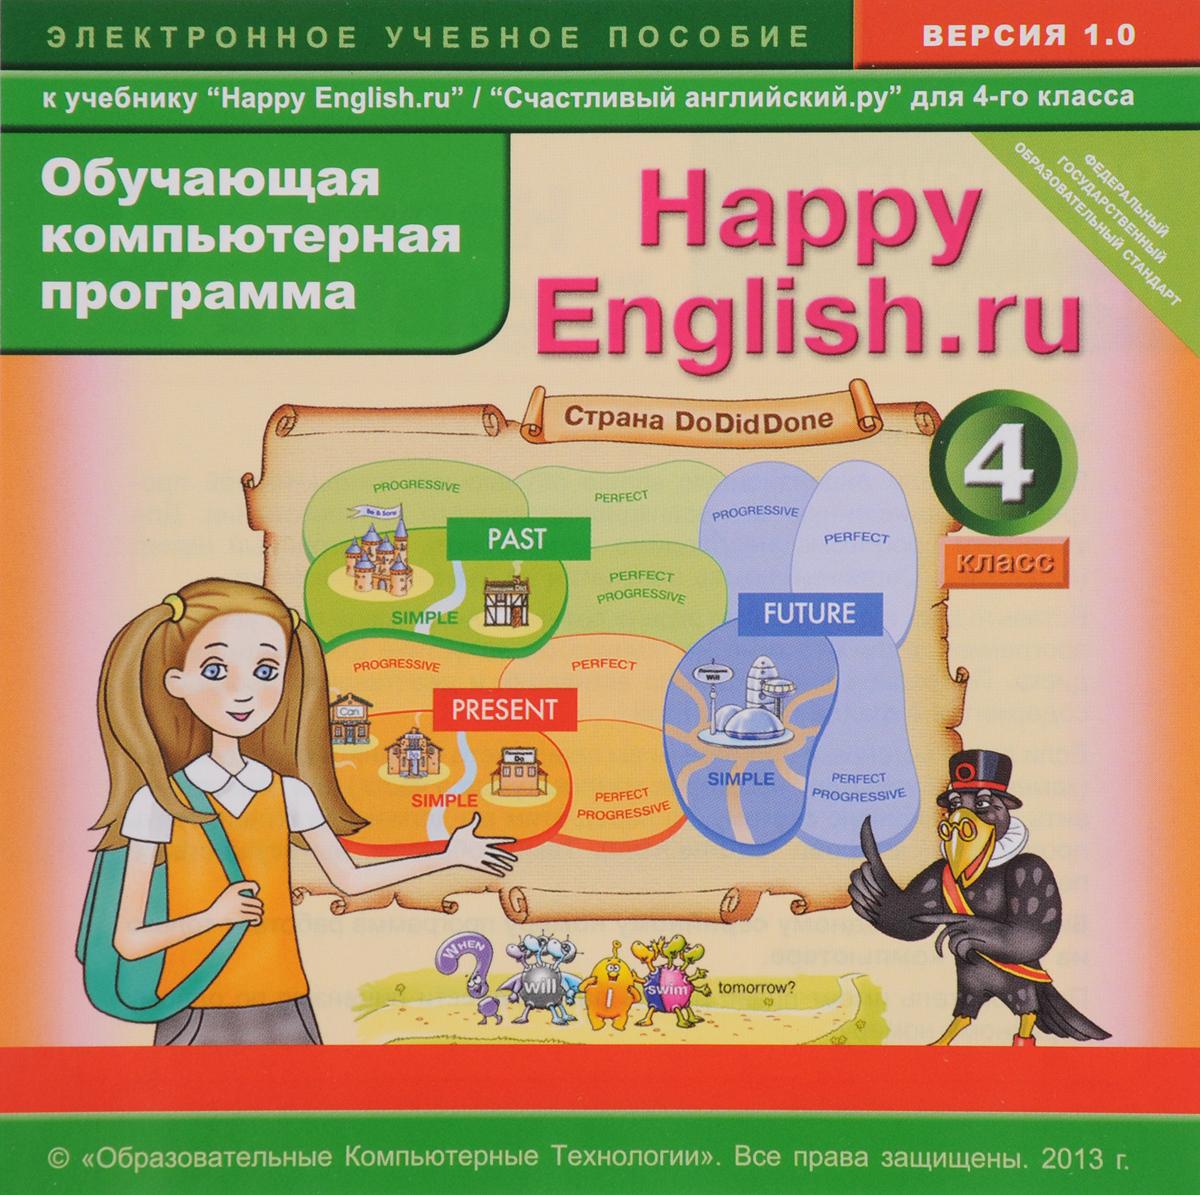 Happy English.ru 4 / Счастливый английский.ру. 4 класс. Обучающая компьютерная программа